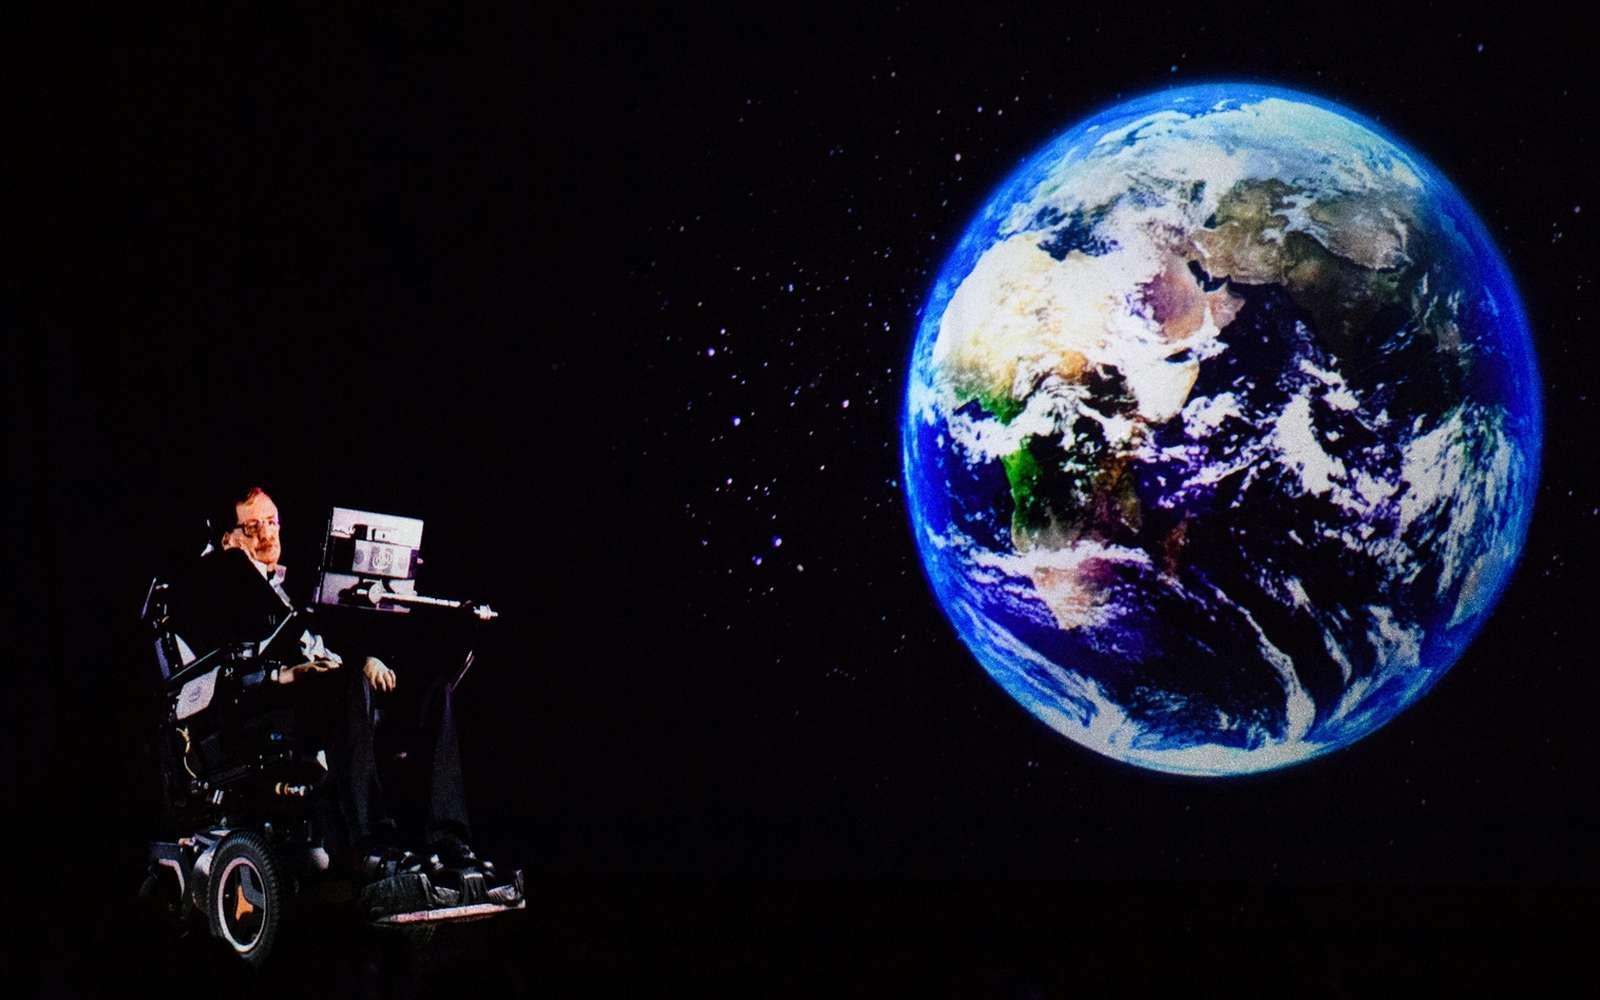 L'Agence spatiale européenne a été chargée d'envoyer l'enregistrement de la voix de Stephen Hawking dans le trou noir le plus proche de la Terre. Anthony Wallace / AFP